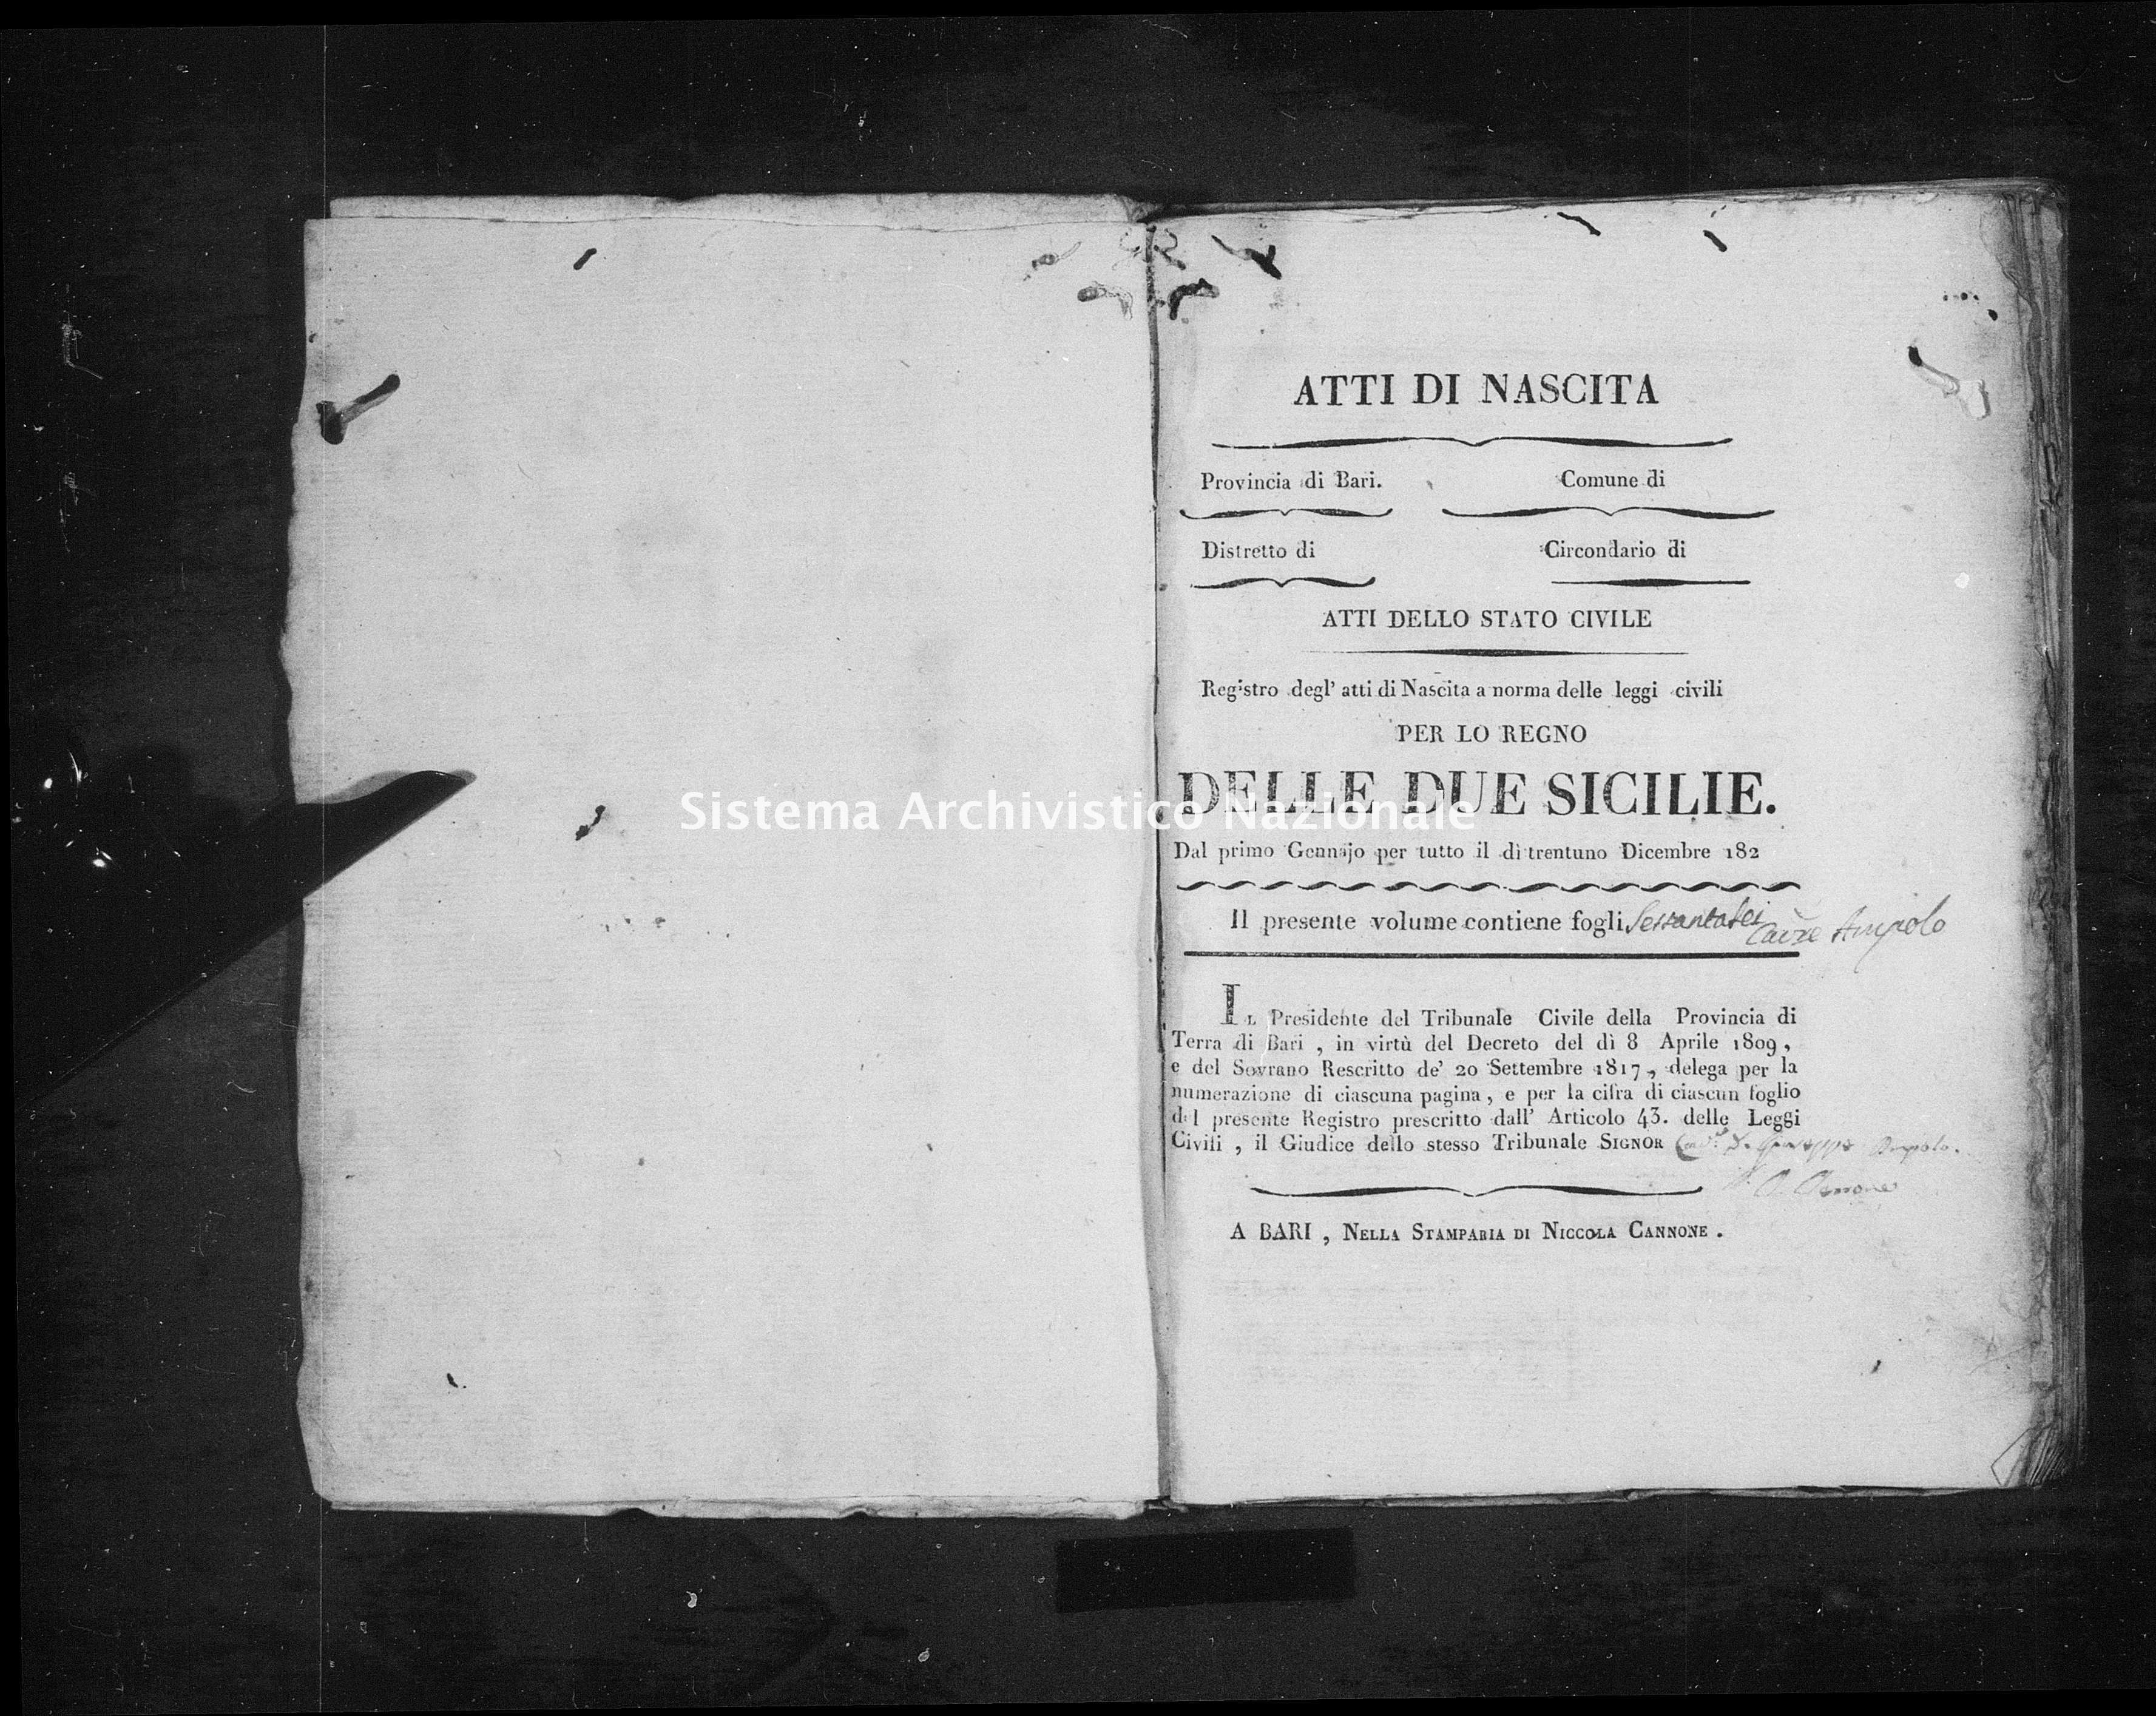 Archivio di stato di Bari - Stato civile della restaurazione - Triggiano - Nati - 1820 - Parte 3 -